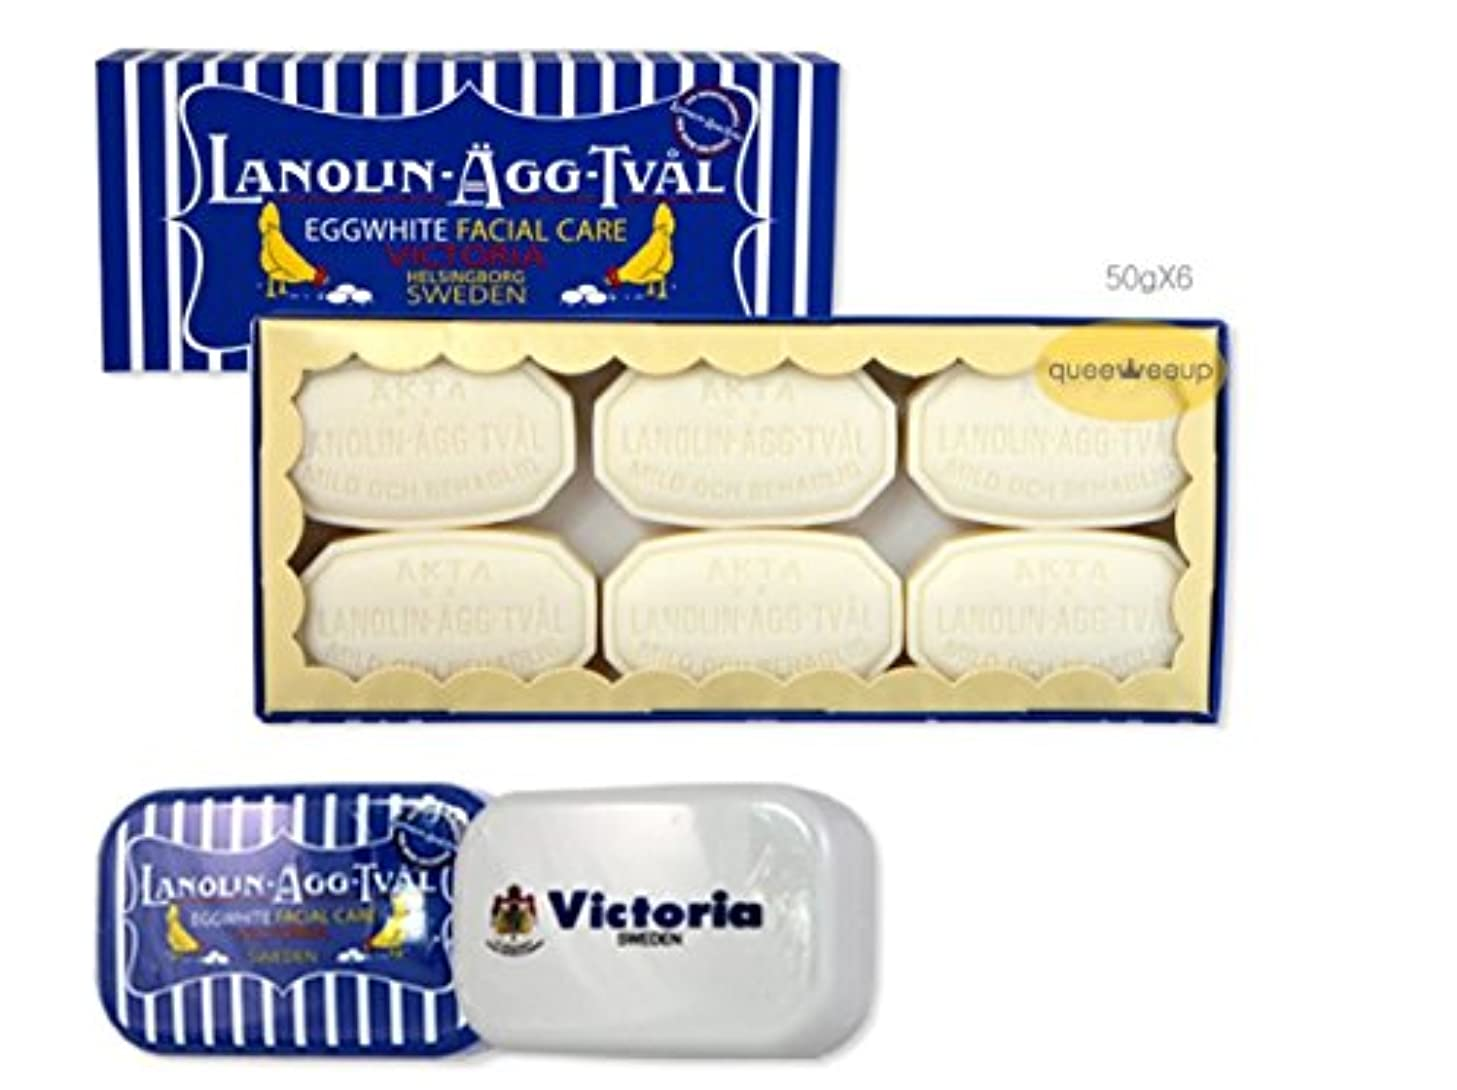 Victoria (ヴィクトリア) ニューエッグパックソープ 50g×6個 + ケース